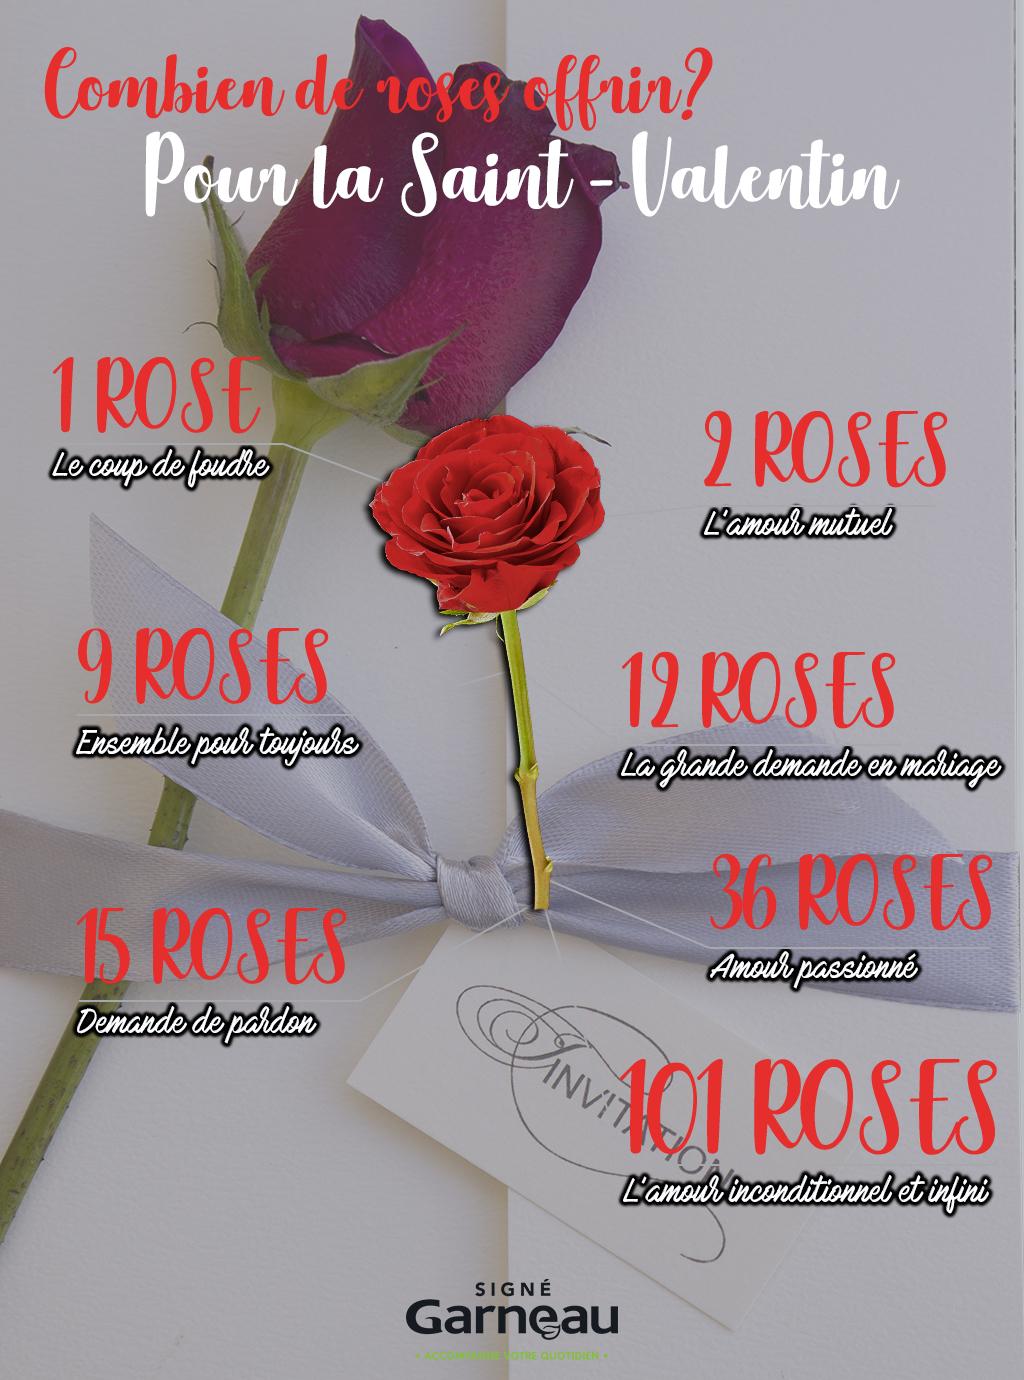 Le Nombre De Roses Pour La Saint Valentin Un Message Important